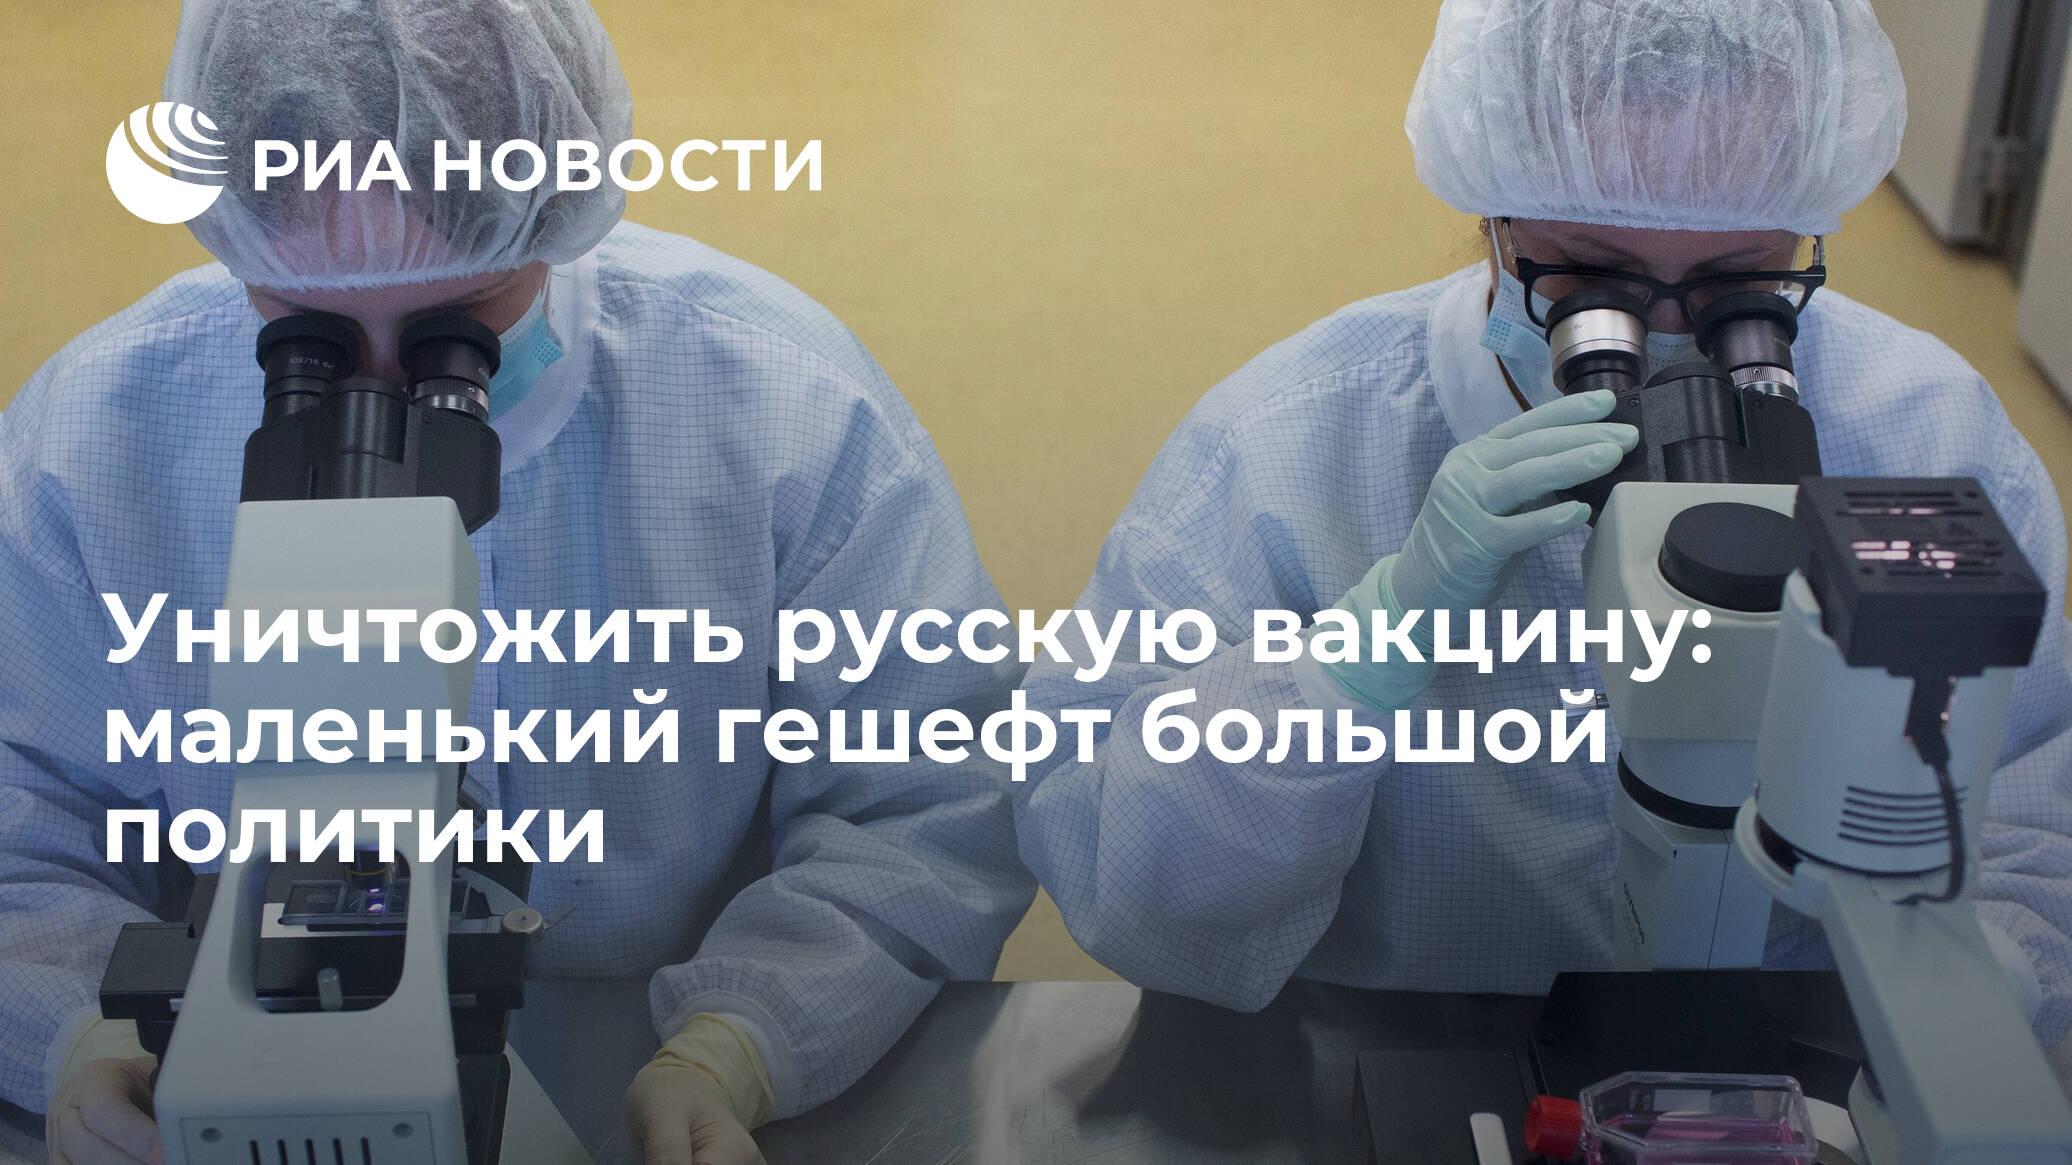 Уничтожить русскую вакцину: маленький гешефт большой политики